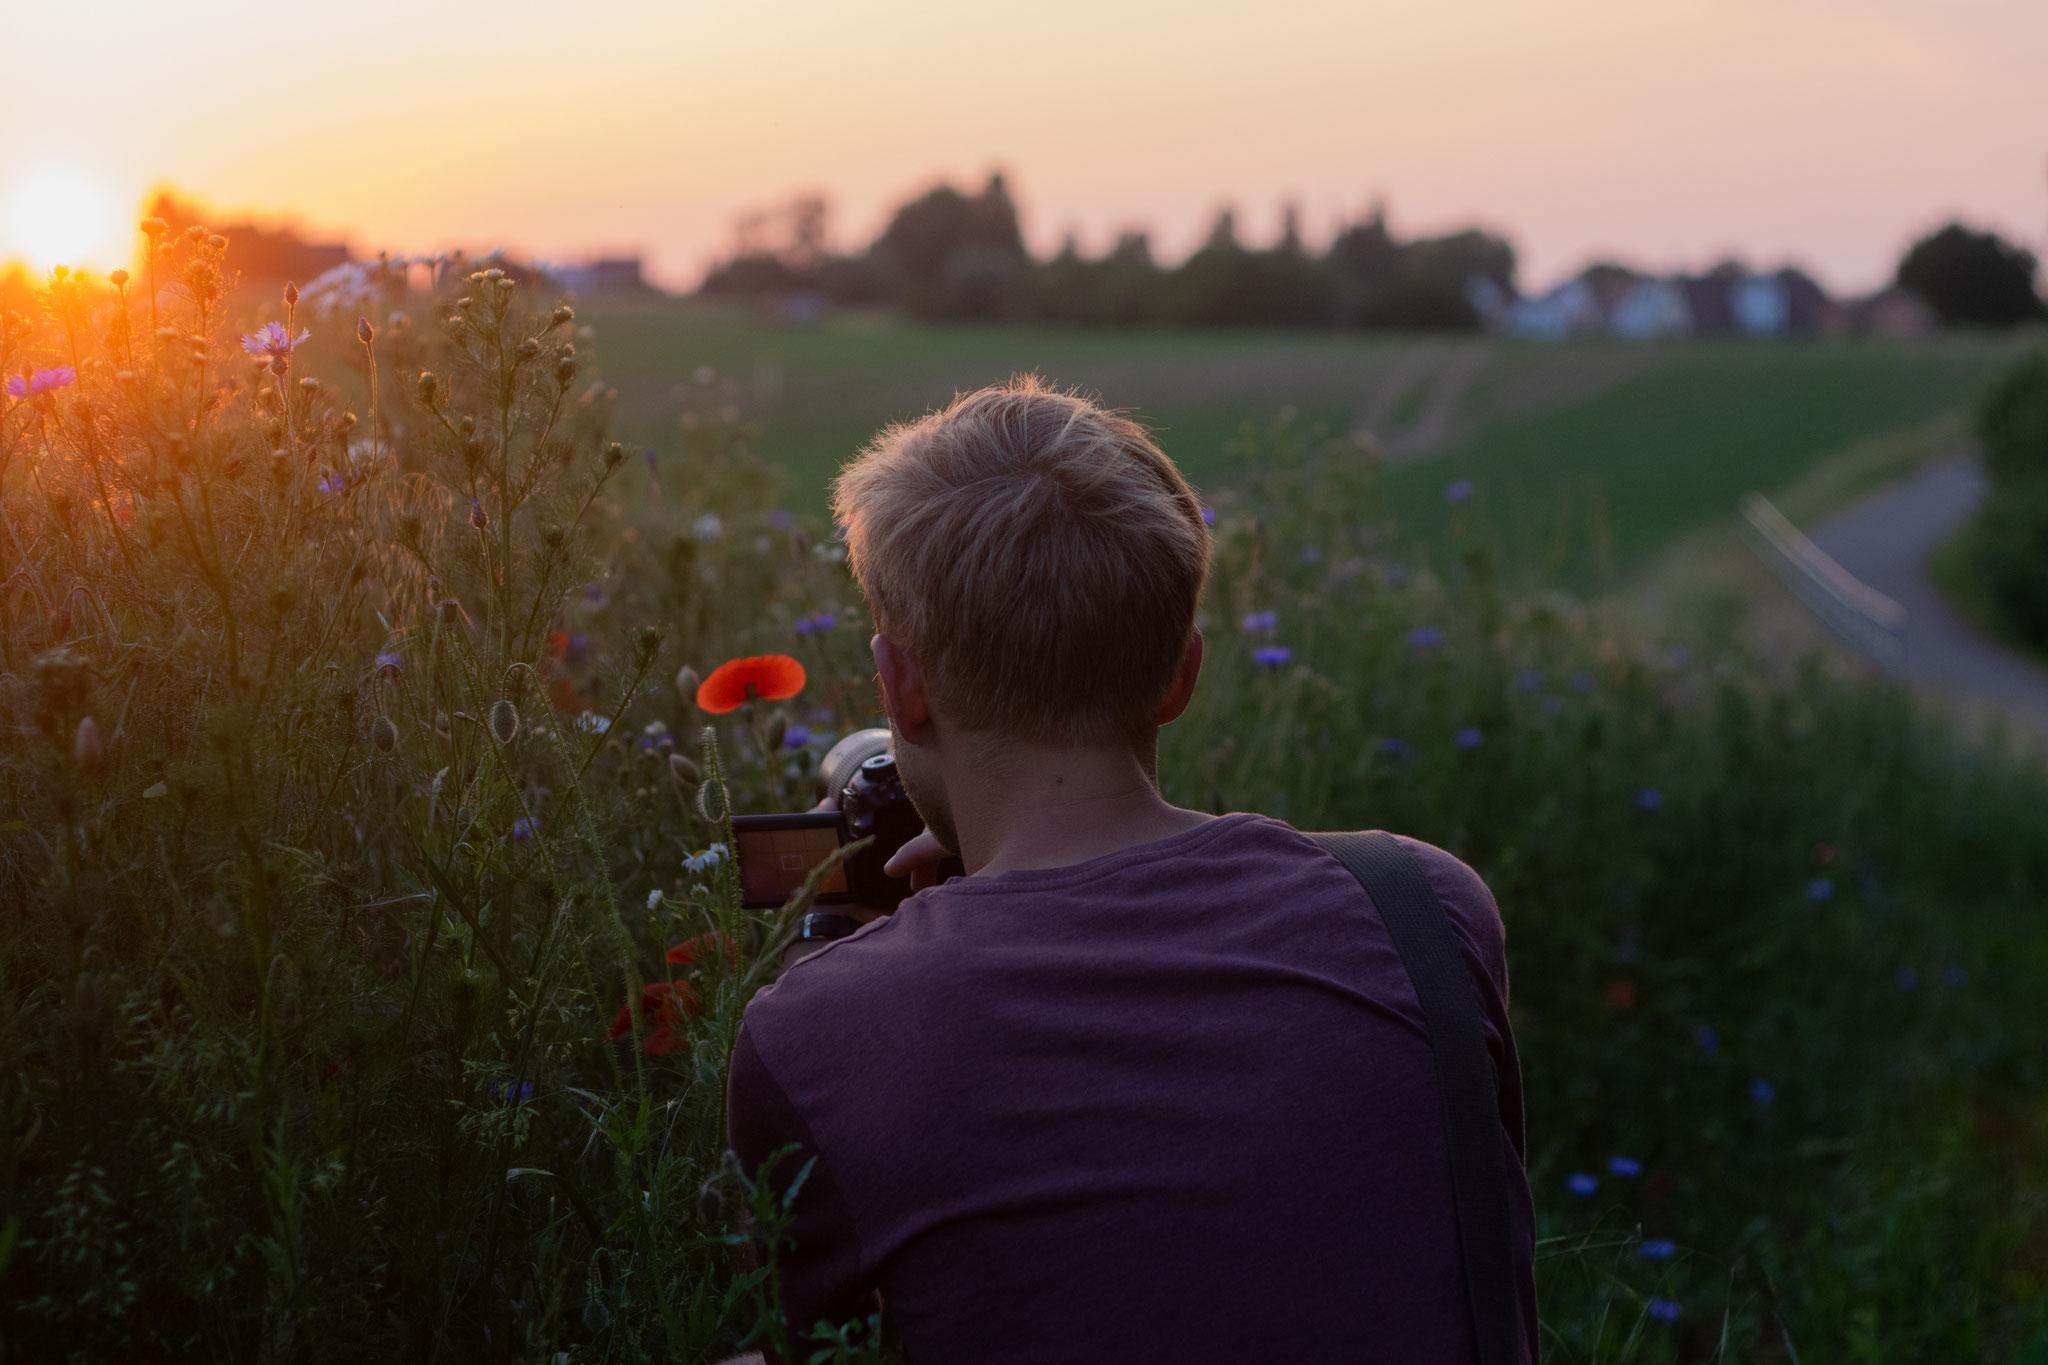 Foto: © Antje Blaczejewski